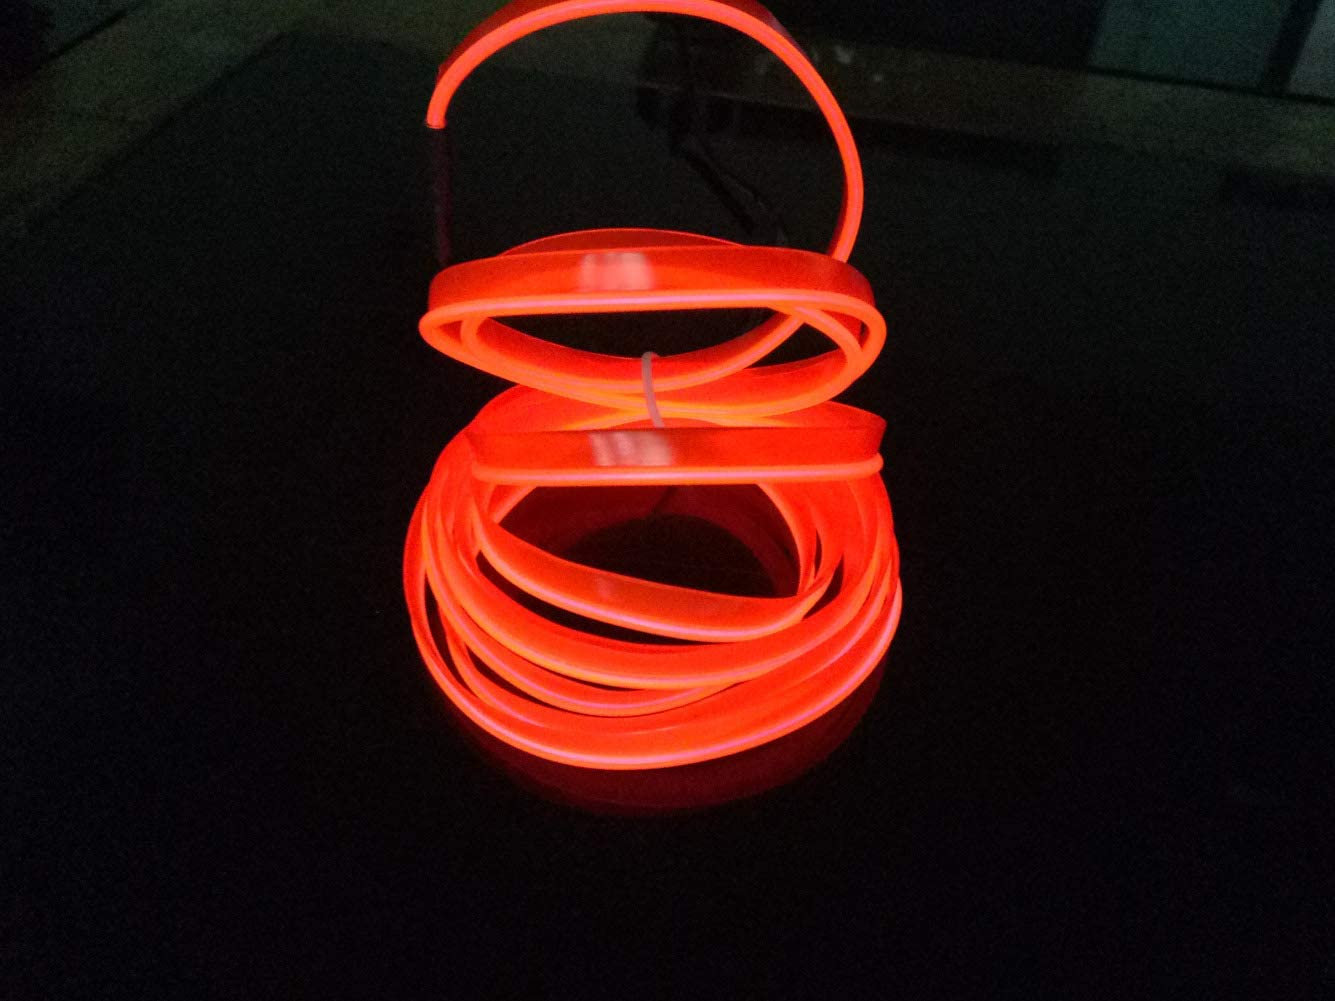 Gelb El Drahtseil Lichter 5mt//16ft 12V Neon Atmosph/äre Glowing Strobing Elektrolumineszenzlicht Glowing Neon Lichter F/ür Autosicherheit Fahren